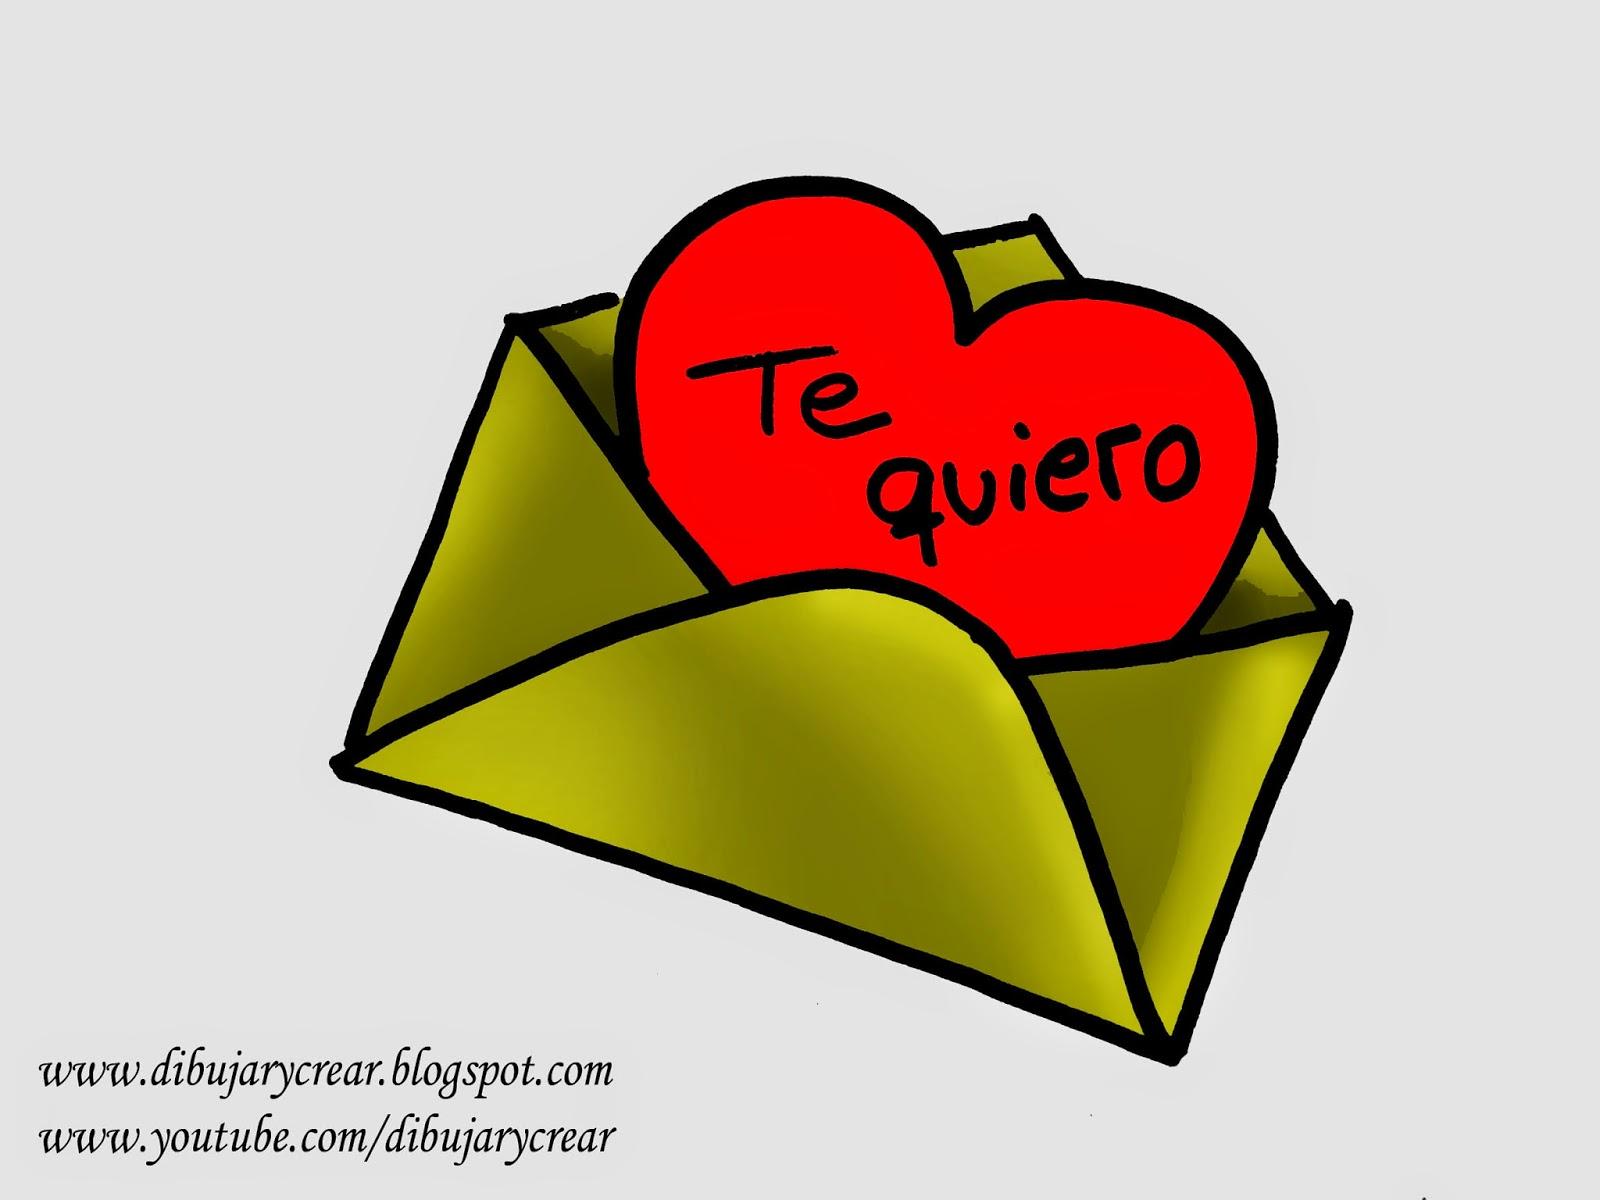 Dibujar y Crear Como Dibujar una Carta de Amor Especial San